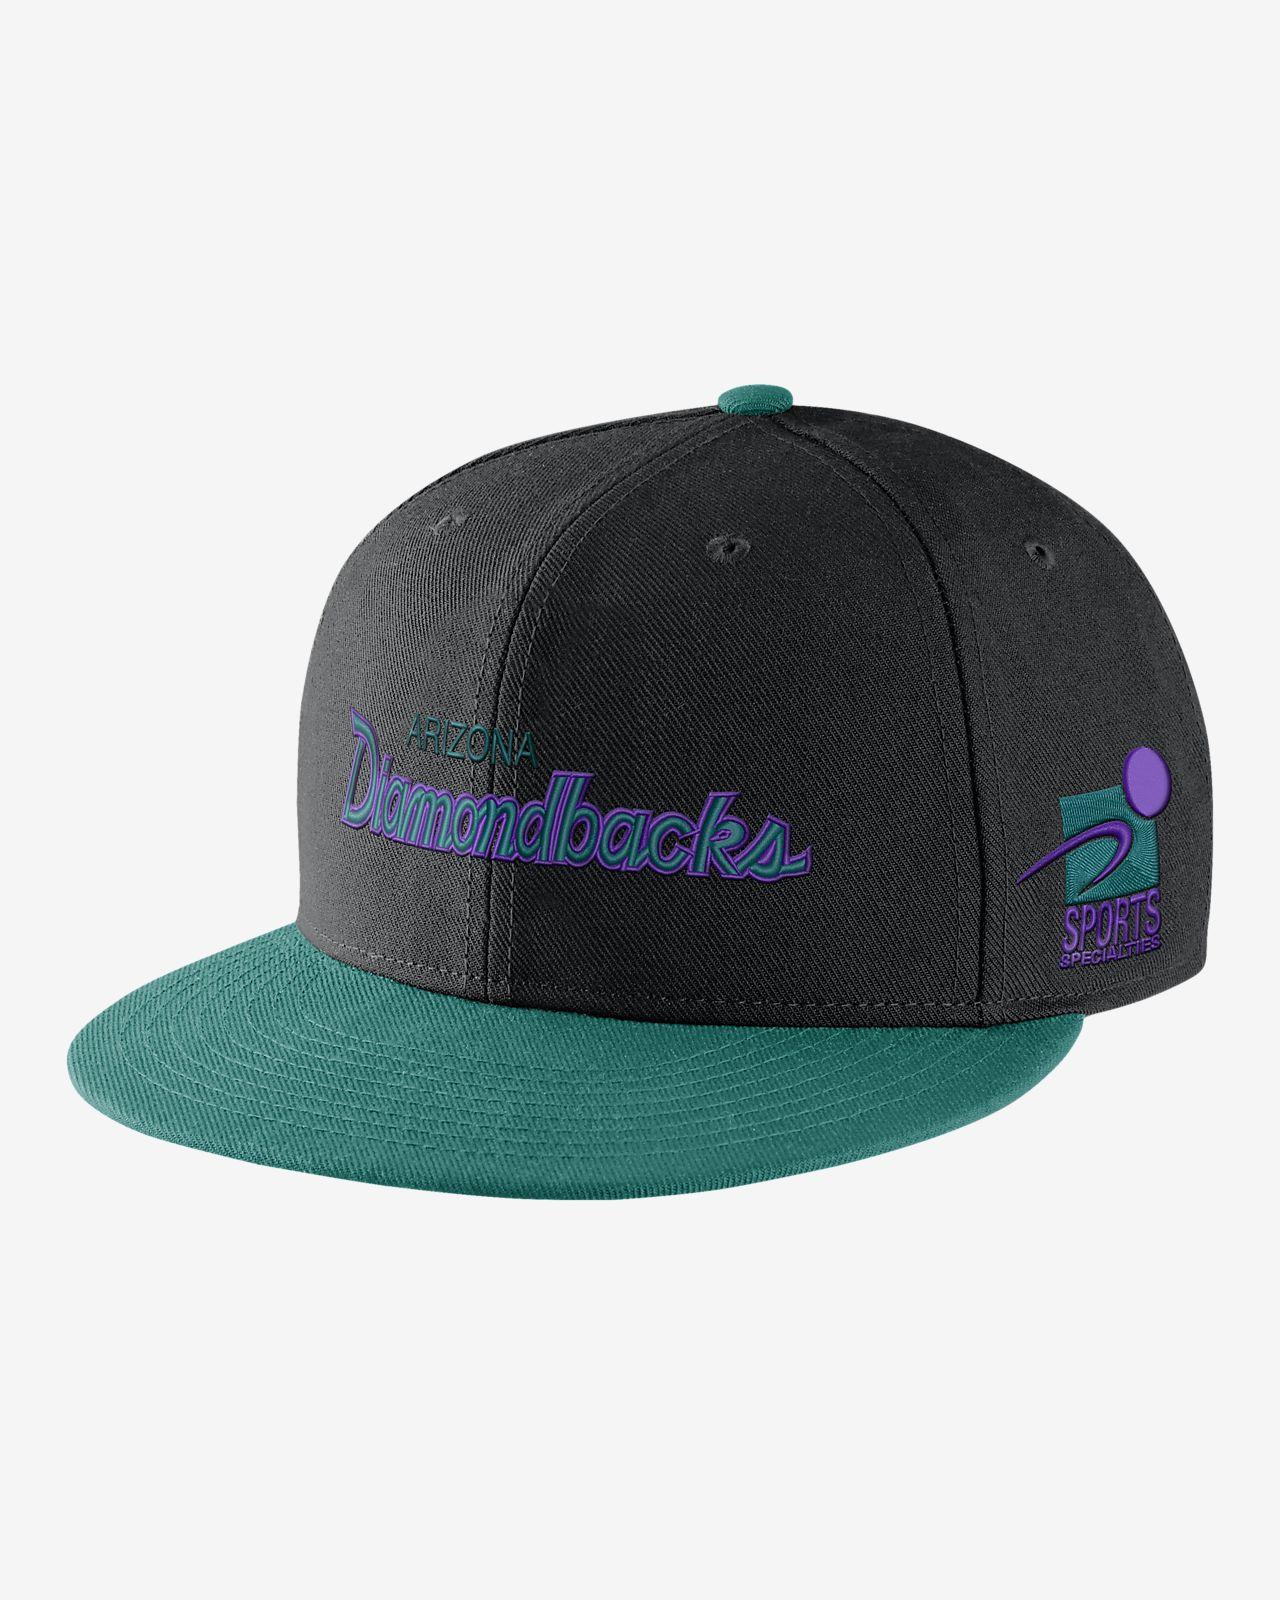 Nike Pro Sport Specialties (MLB Diamondbacks) Adjustable Hat